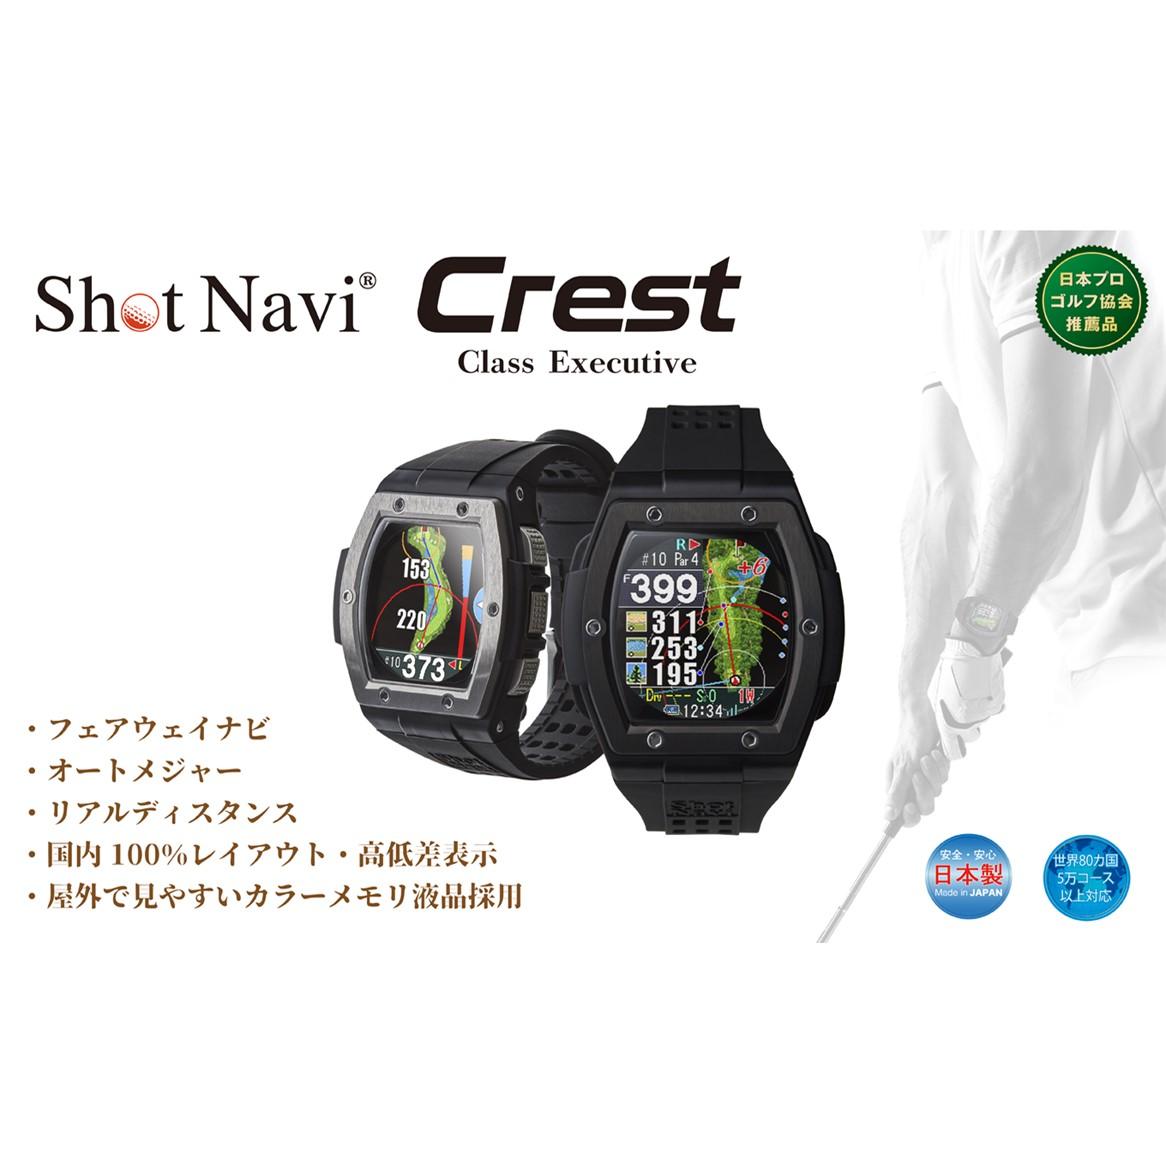 金沢市 高価値 ふるさと納税 限定特価 双電産業株式会社 ショットナビCrest Shot Navi カラー:ブラック Crest